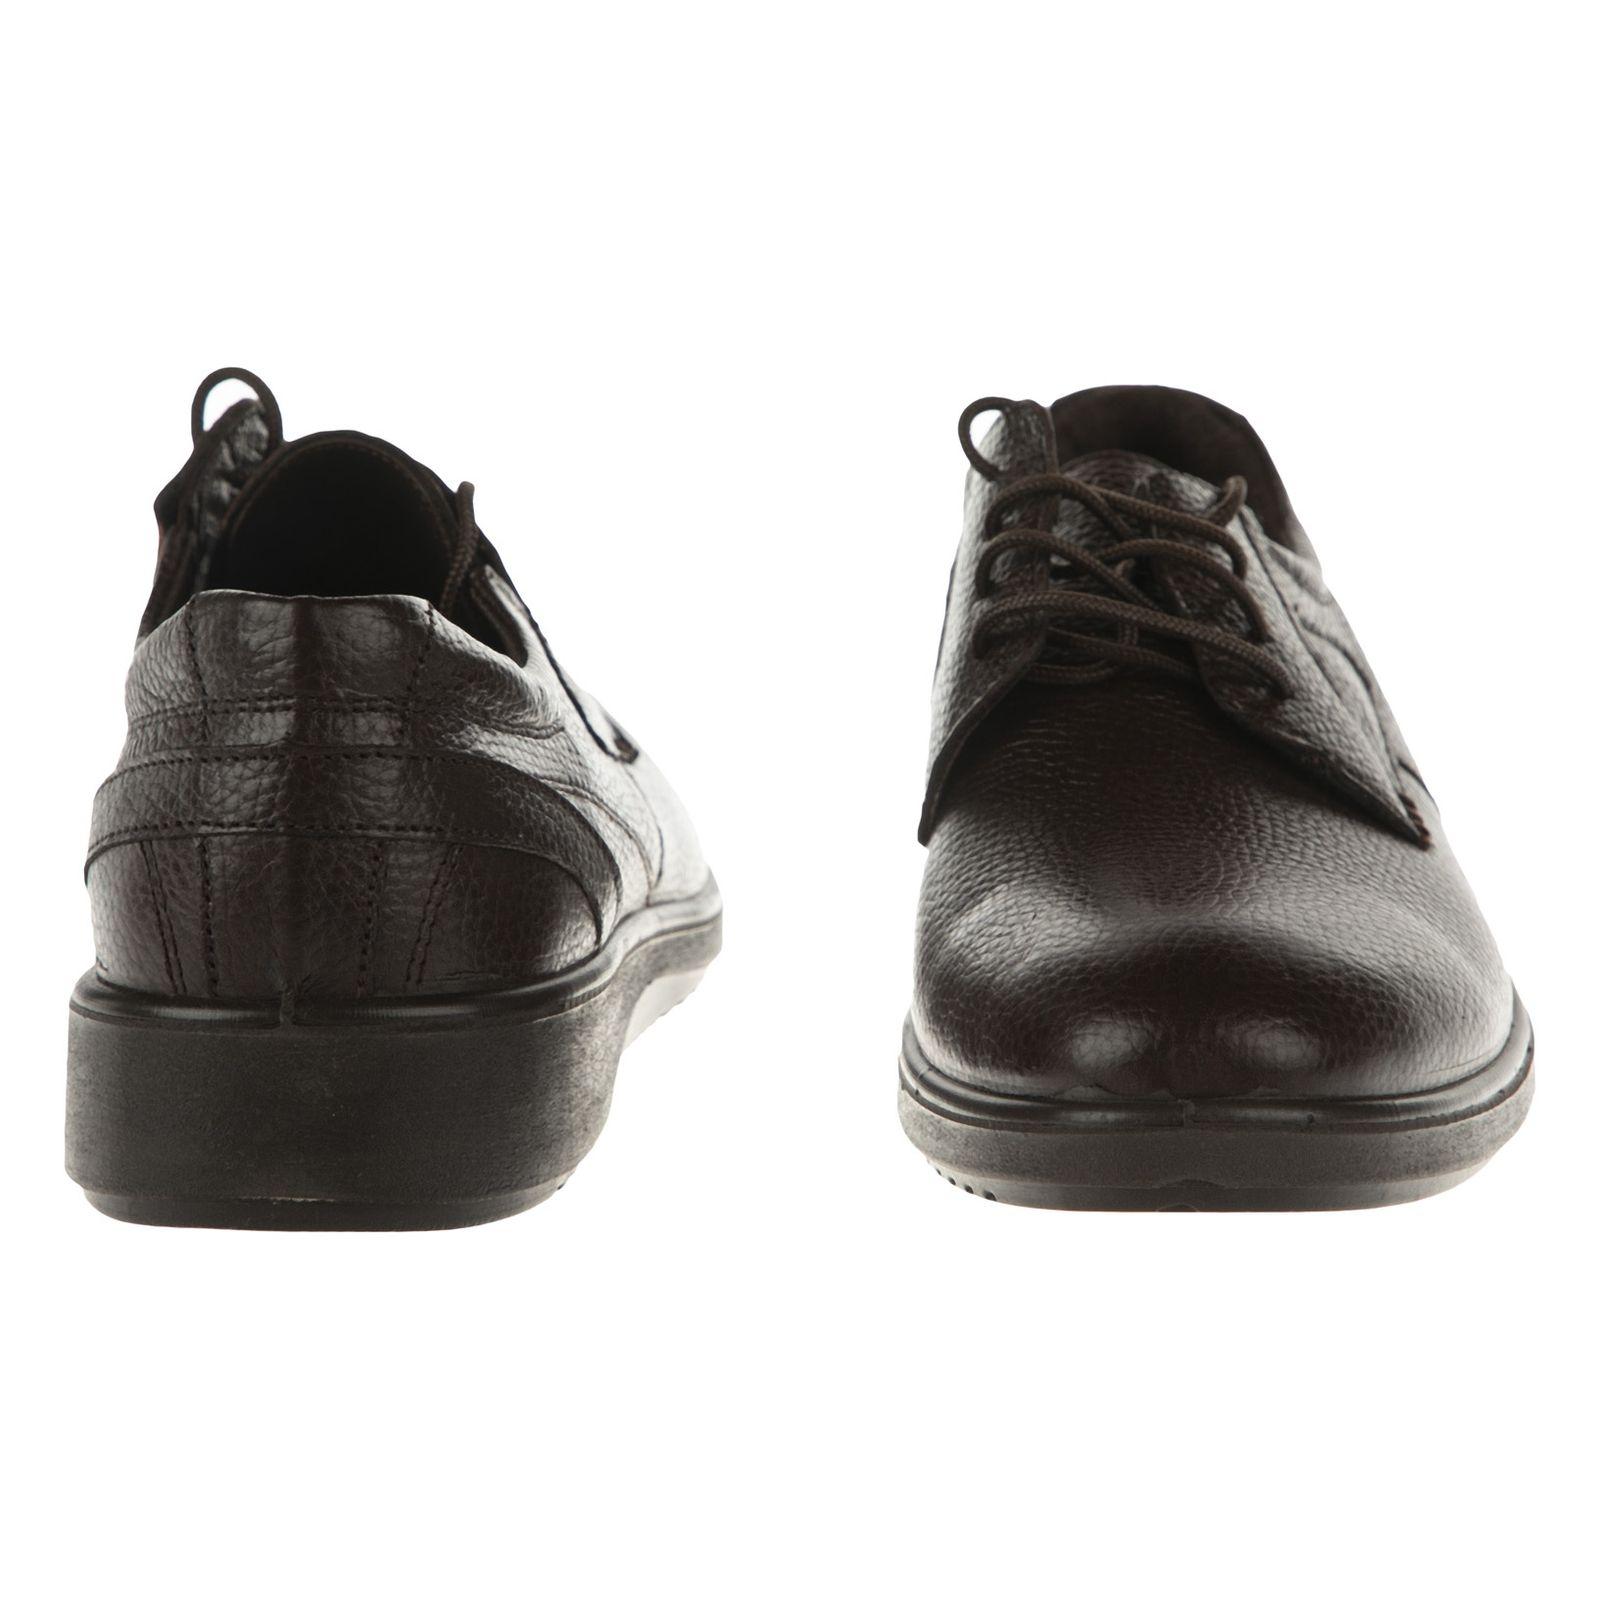 کفش روزمره مردانه شیفر مدل 7216B-104 -  - 5